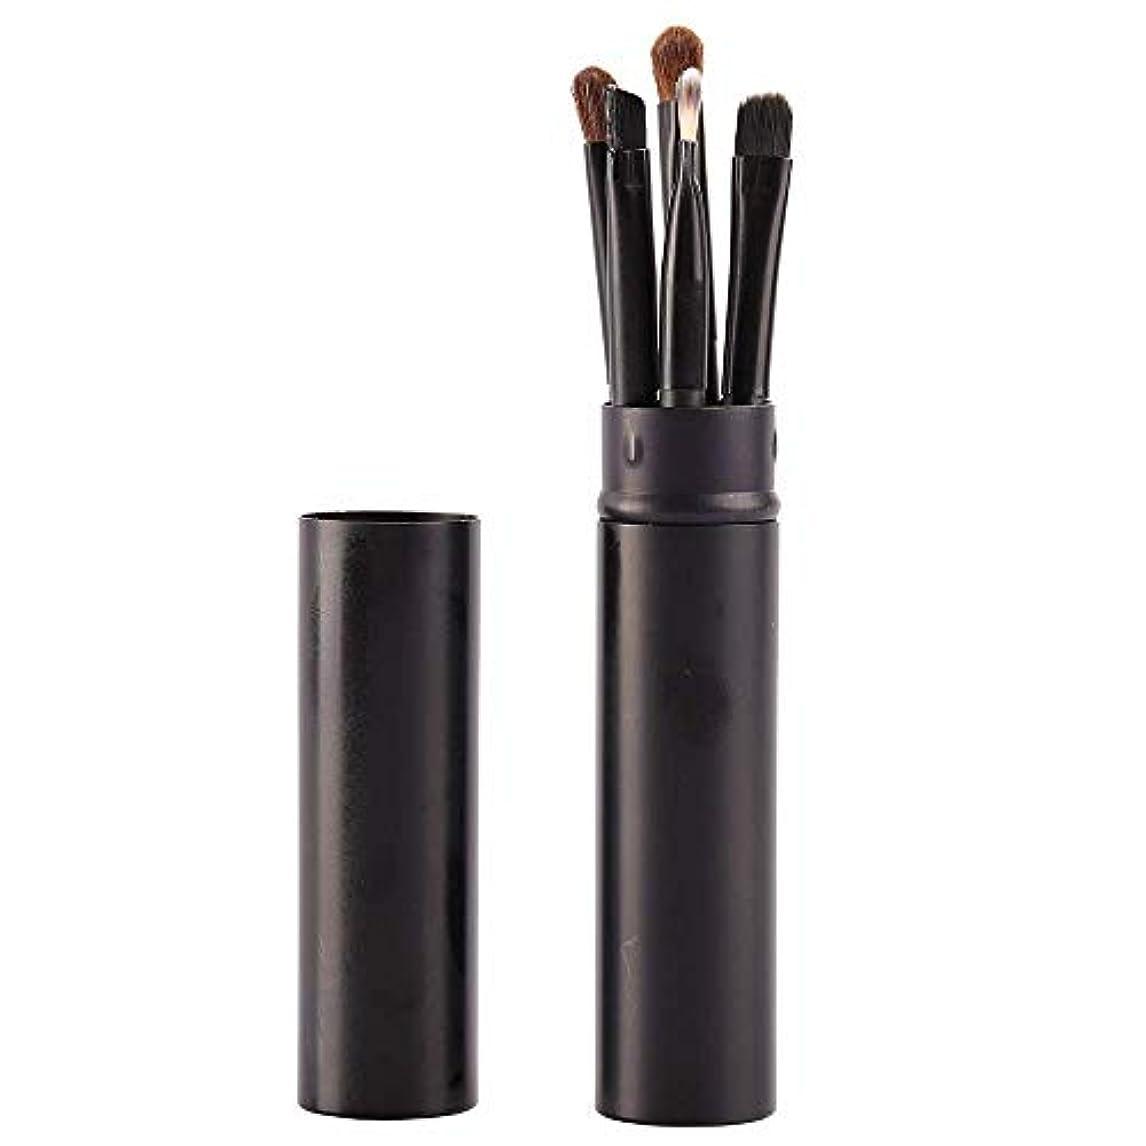 甘美な磁気見る人化粧ブラシ ドゥケア 化粧筆 高級天然毛 アイシャドウブラシ 携帯5点セット化粧ブラシホルダー (ブラック)